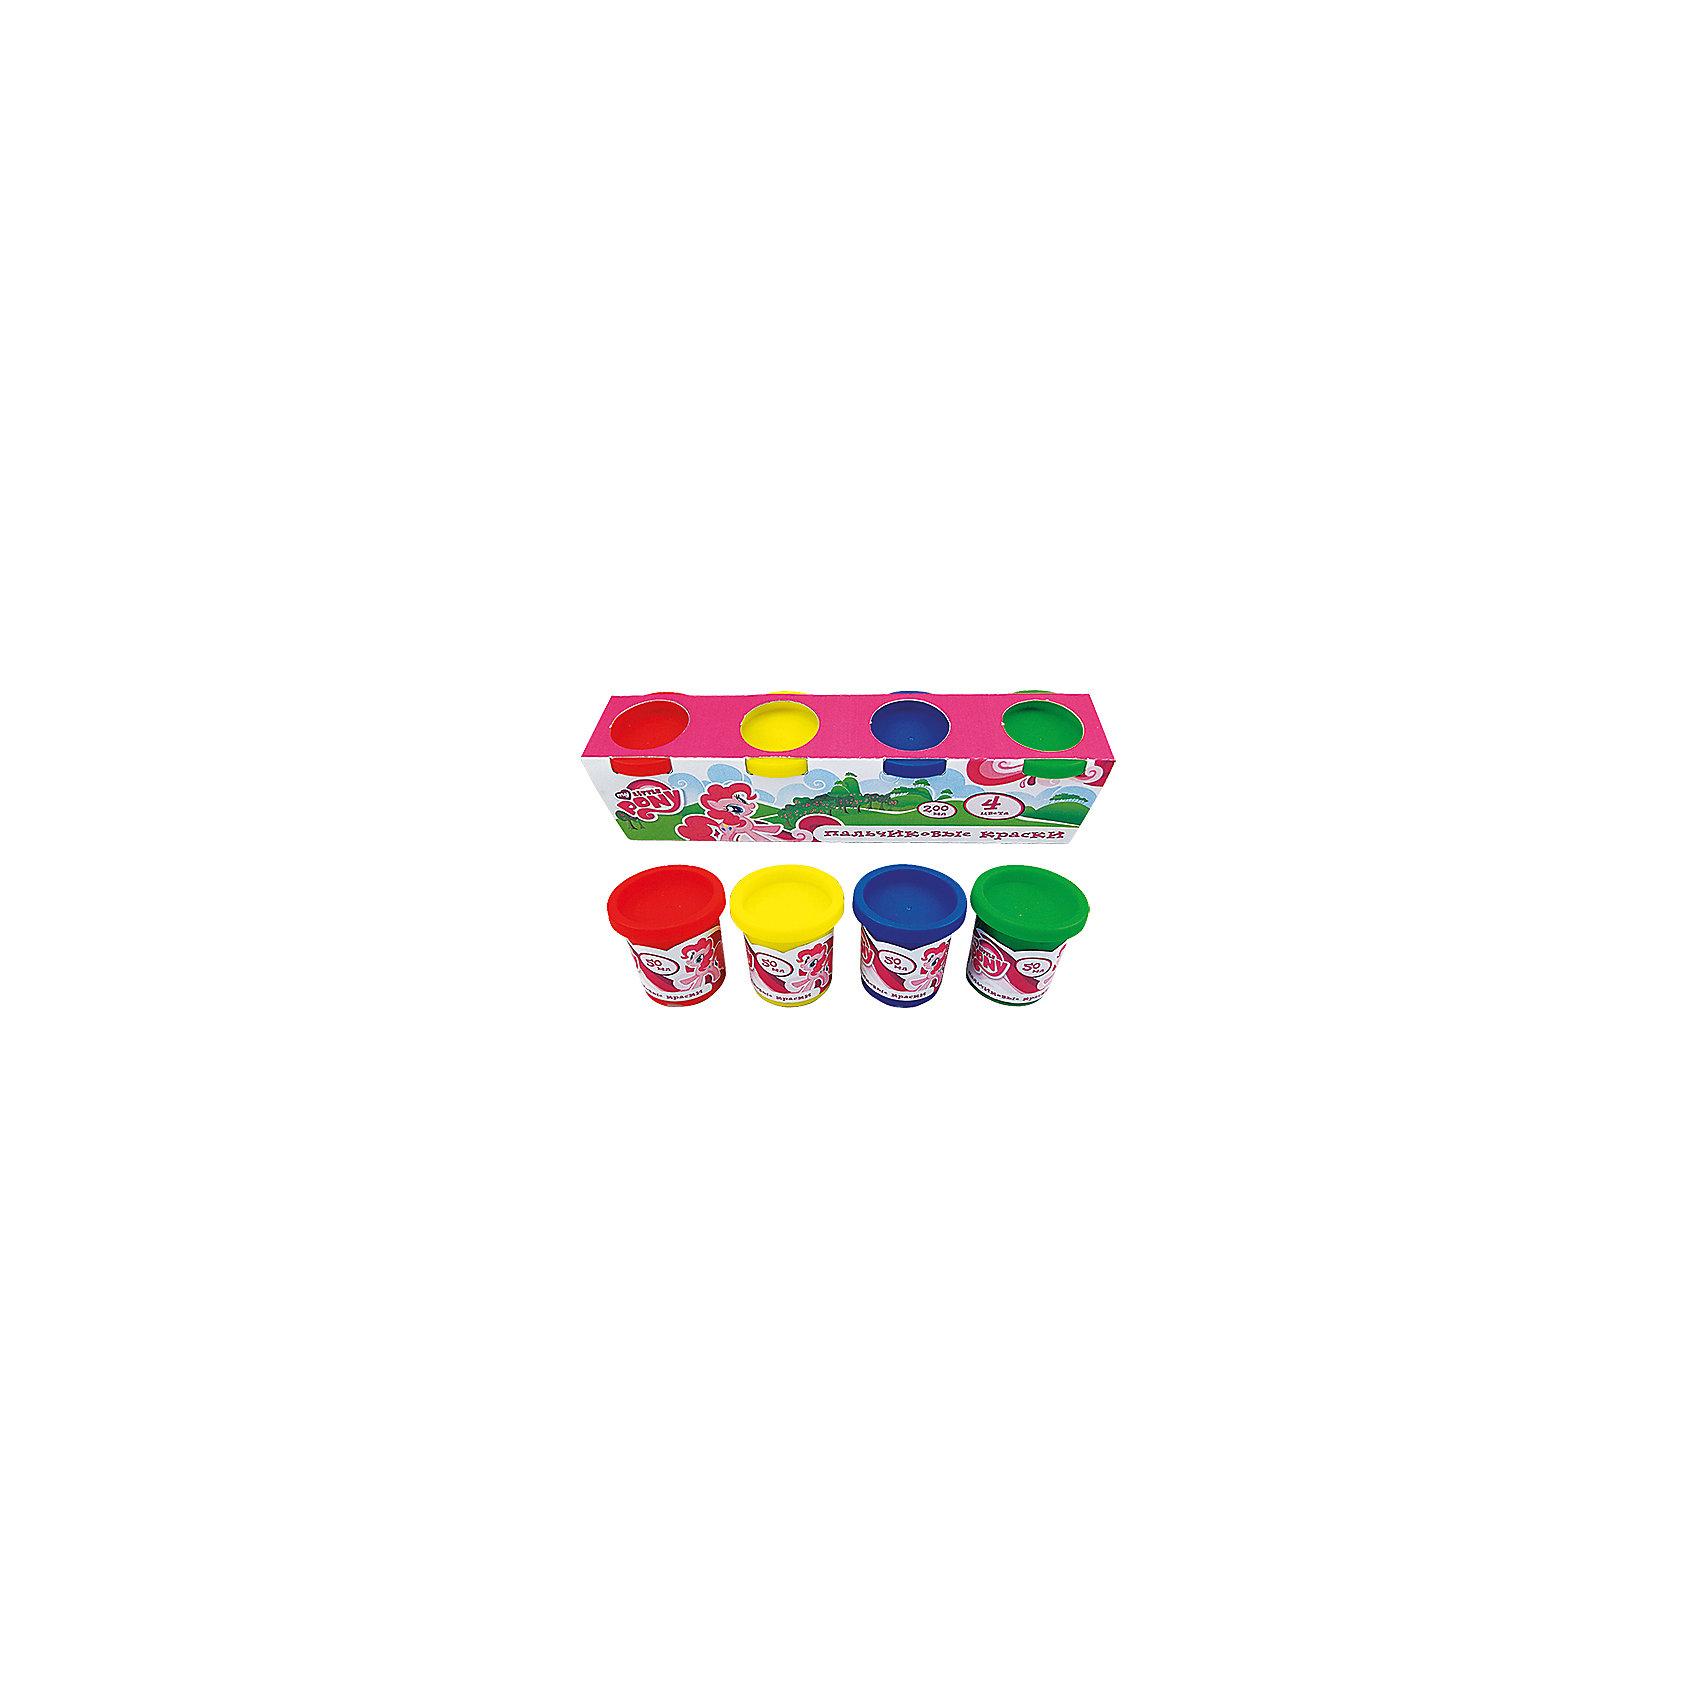 Пальчиковые краски My little ponyХарактеристики:<br><br>• Предназначение: для занятий художественным творчеством<br>• Серия: Мой маленький пони<br>• Пол: для девочек<br>• Материал: водная основа, натуральные пищевые красители, пластик, картон<br>• Цвет: красный, желтый, зеленый, синий<br>• Комплектация: набор пальчиковых красок из 4-х цветов<br>• Размеры (Д*Ш*В): 5*6*22 см<br>• Вес: 290 г <br>• Упаковка: картонная коробка<br><br>Пальчиковые краски My little pony изготовлены отечественным производителем детских товаров с учетом особенностей психофизиологического развития детей раннего дошкольного возраста. Рисование – это самые первые творческие занятия, которым обучается малыш. Multiart предлагает малышам и их родителям готовые наборы пальчиковых красок для занятий рисованием самых маленьких детей, которые еще не умеют держать в руках кисточку или карандаш.<br>Пальчиковые краски My little pony состоят из водной основы и натуральных пищевых красителей, которые не вызывают аллергии и раздражения. Состав красок полностью безопасен, даже если они случайно попадут в рот, можно не беспокоиться. Набор состоит из 4-х основных цветов: синего, красного, желтого и зеленого. Краски расфасованы в баночки с крышечками. Баночки имеют широкое горлышко, поэтому малышу будет удобно обмакивать пальчики. Пальчиковые краски хорошо смываются с рук и любой поверхности, не оставляя следа.<br>С творческими наборами от Multiart Ваш ребенок научится рисовать, что будет способствовать его творческому и интеллектуальному развитию. Творческие наборы могут стать хорошим подарком к предстоящим торжествам и праздникам.<br><br>Пальчиковые краски My little pony можно купить в нашем интернет-магазине.<br><br>Ширина мм: 50<br>Глубина мм: 60<br>Высота мм: 220<br>Вес г: 290<br>Возраст от месяцев: 36<br>Возраст до месяцев: 72<br>Пол: Женский<br>Возраст: Детский<br>SKU: 5196981